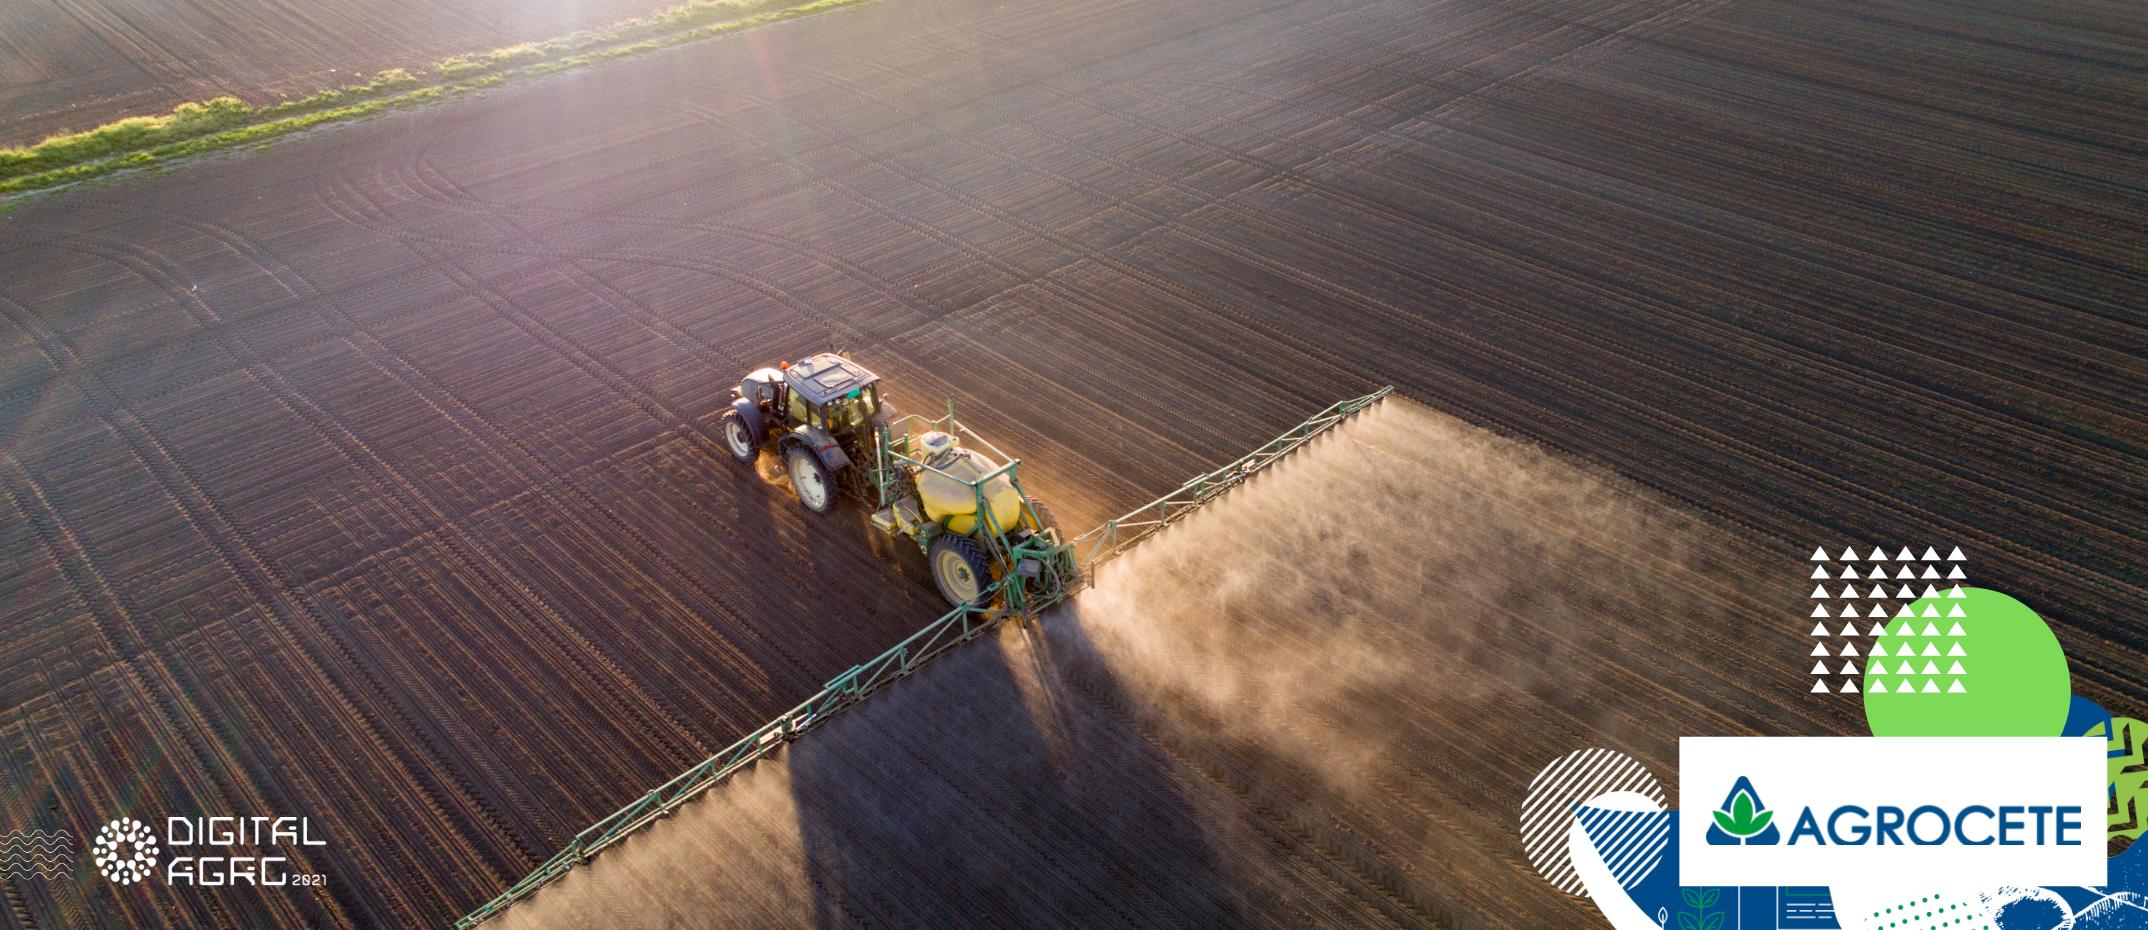 Desenvolvendo soluções inovadoras para o campo com a Agrocete